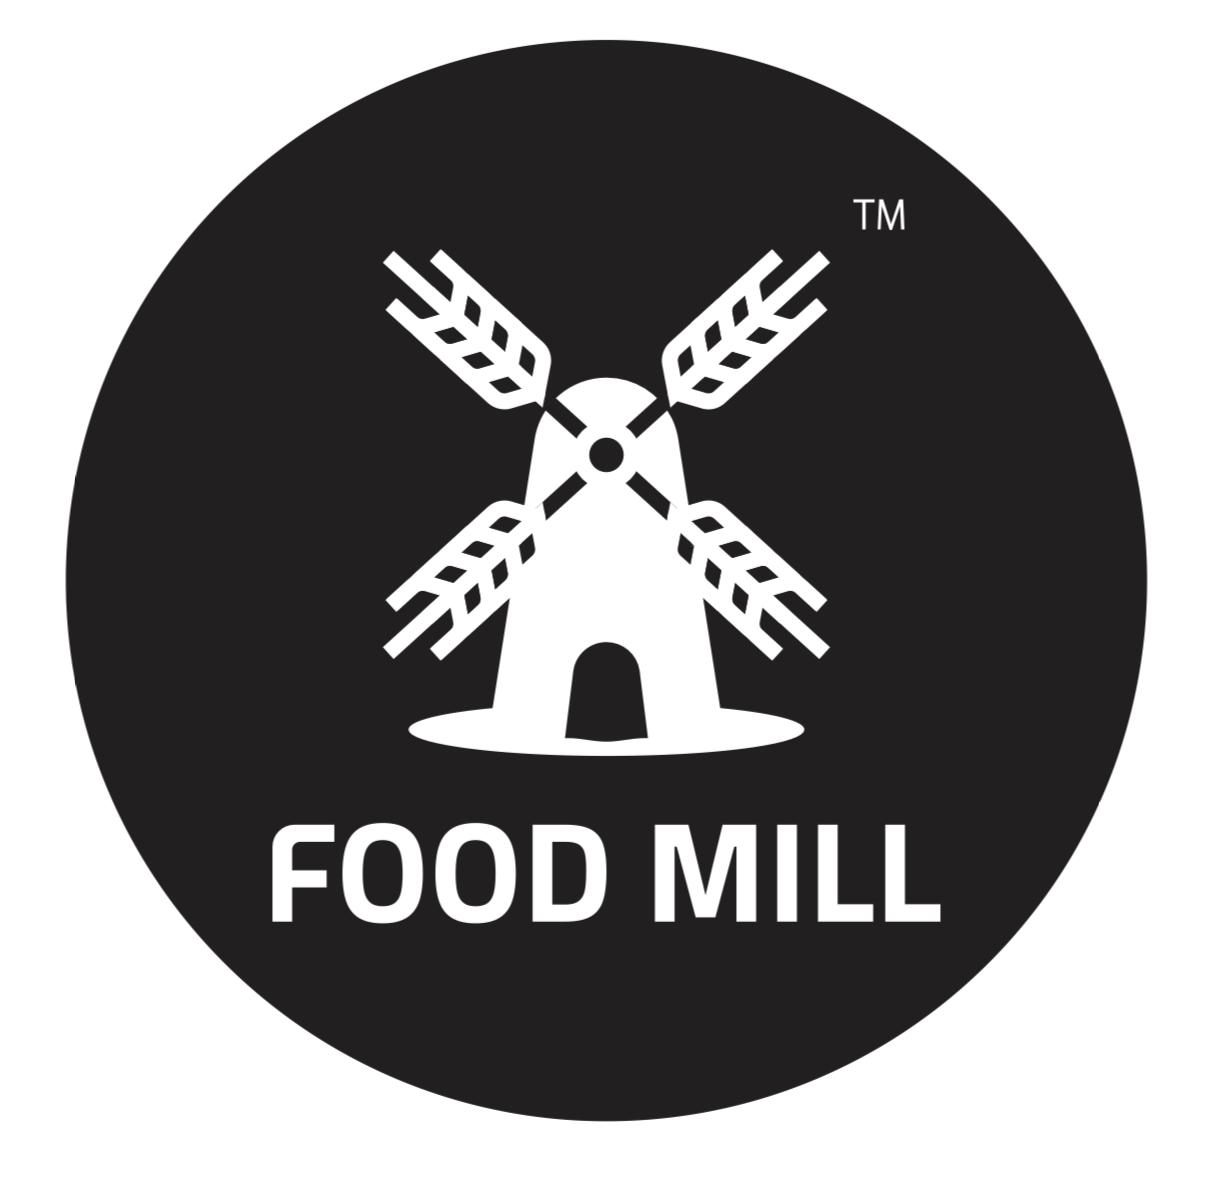 لوجو فودميل لتجارة وتوزيع المواد الغذائية